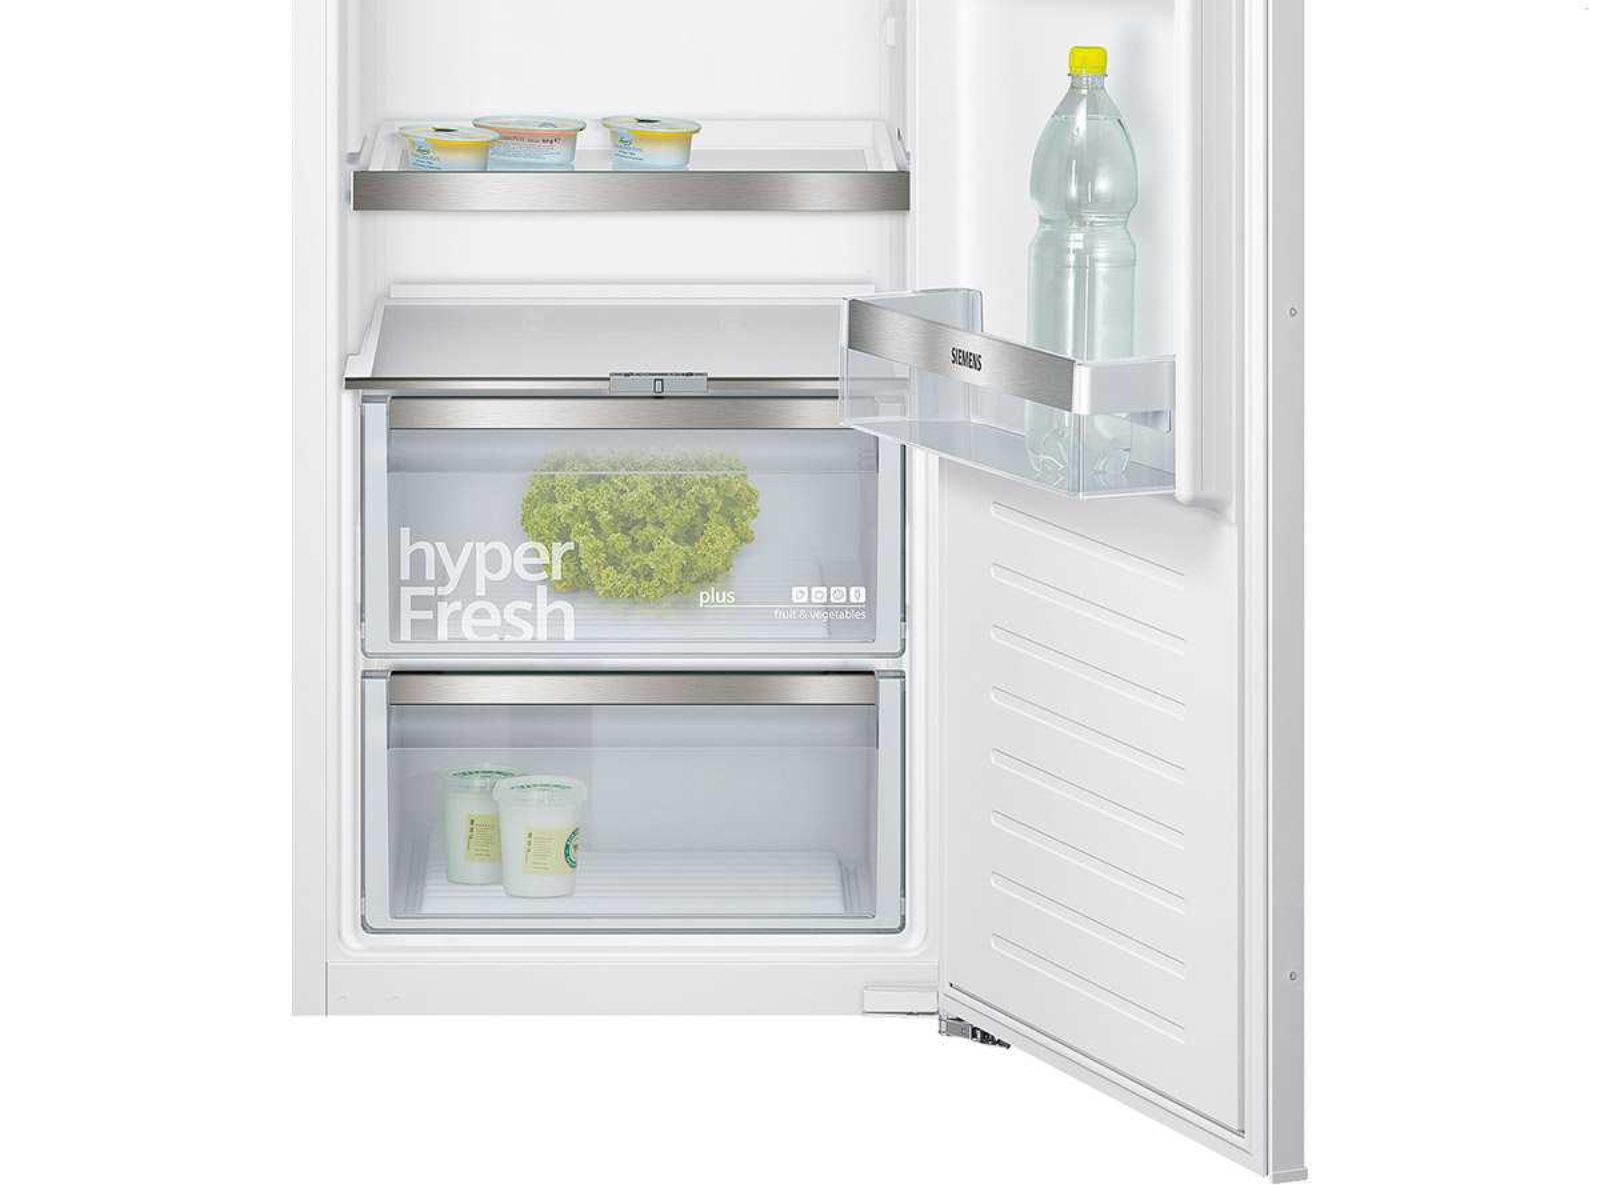 Siemens Kühlschrank Innenausstattung : Siemens ki lad einbaukühlschrank